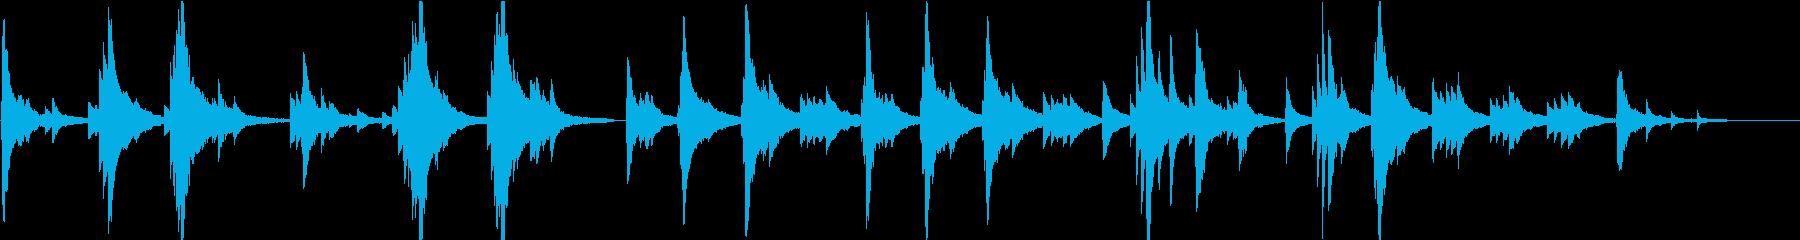 静かで切ないピアノソロの再生済みの波形